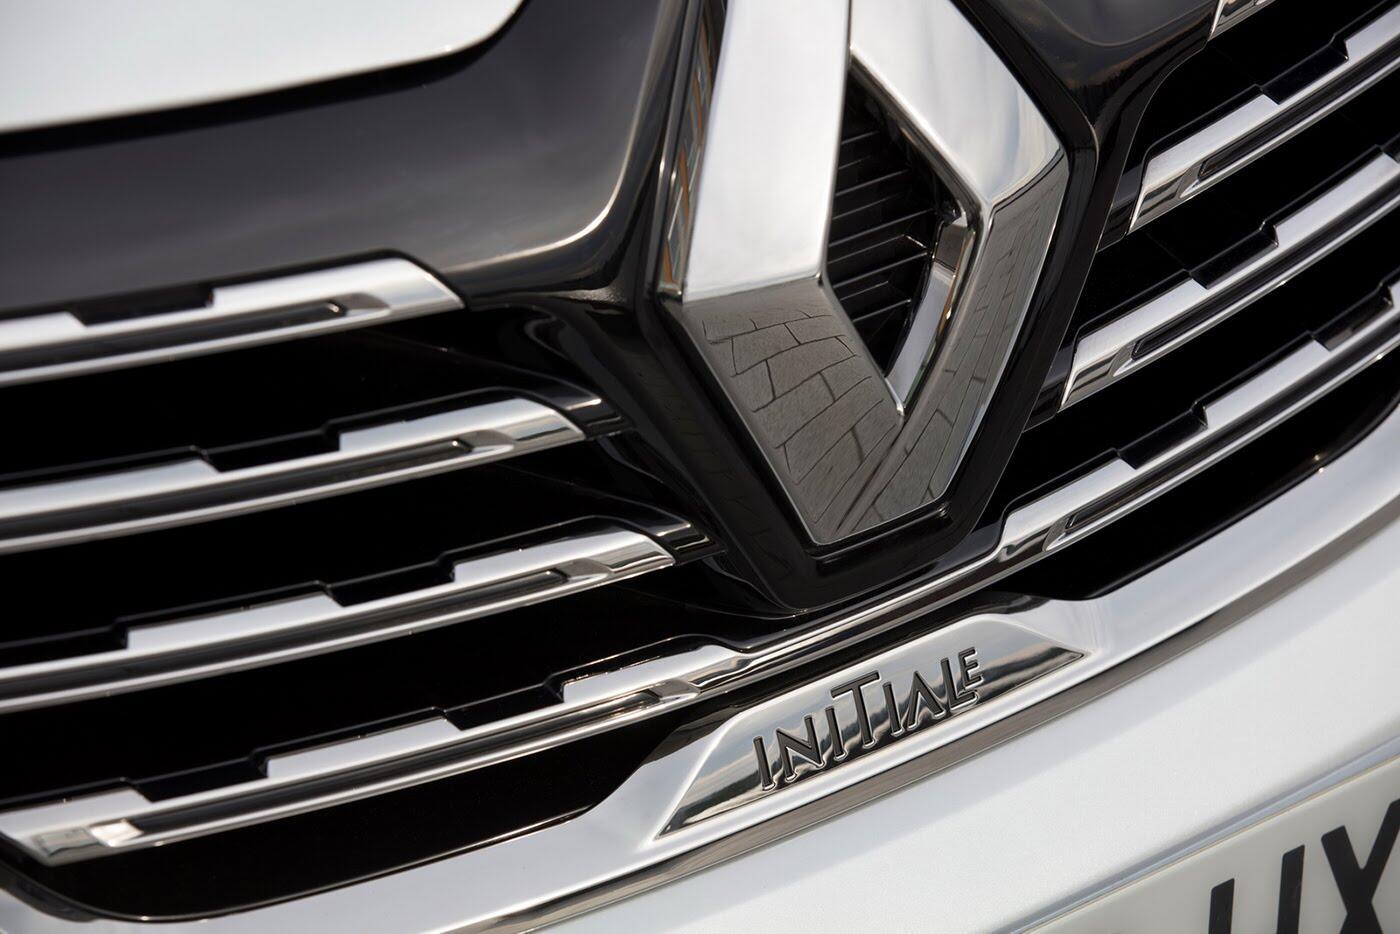 Chiêm ngưỡng vẻ đẹp của Renault Koleos 2017 - Hình 6